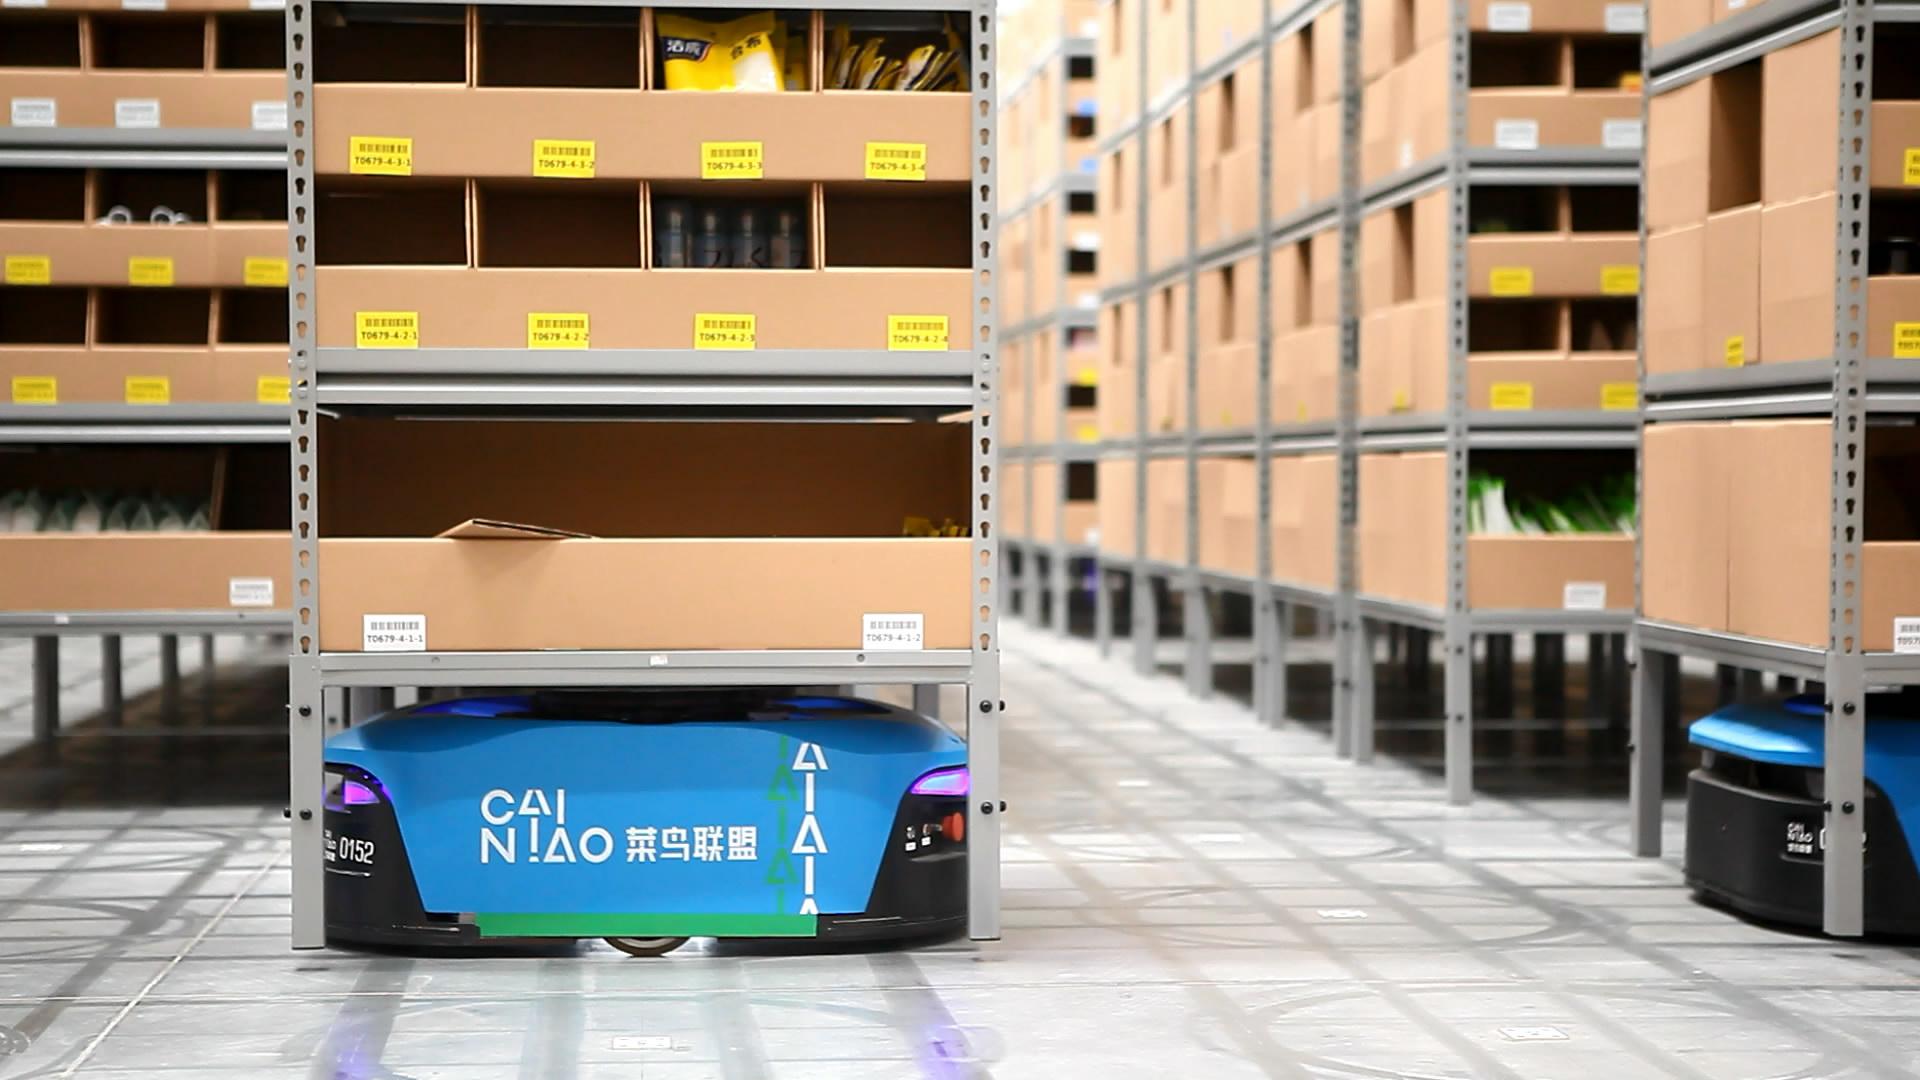 惠阳仓机器人照片2